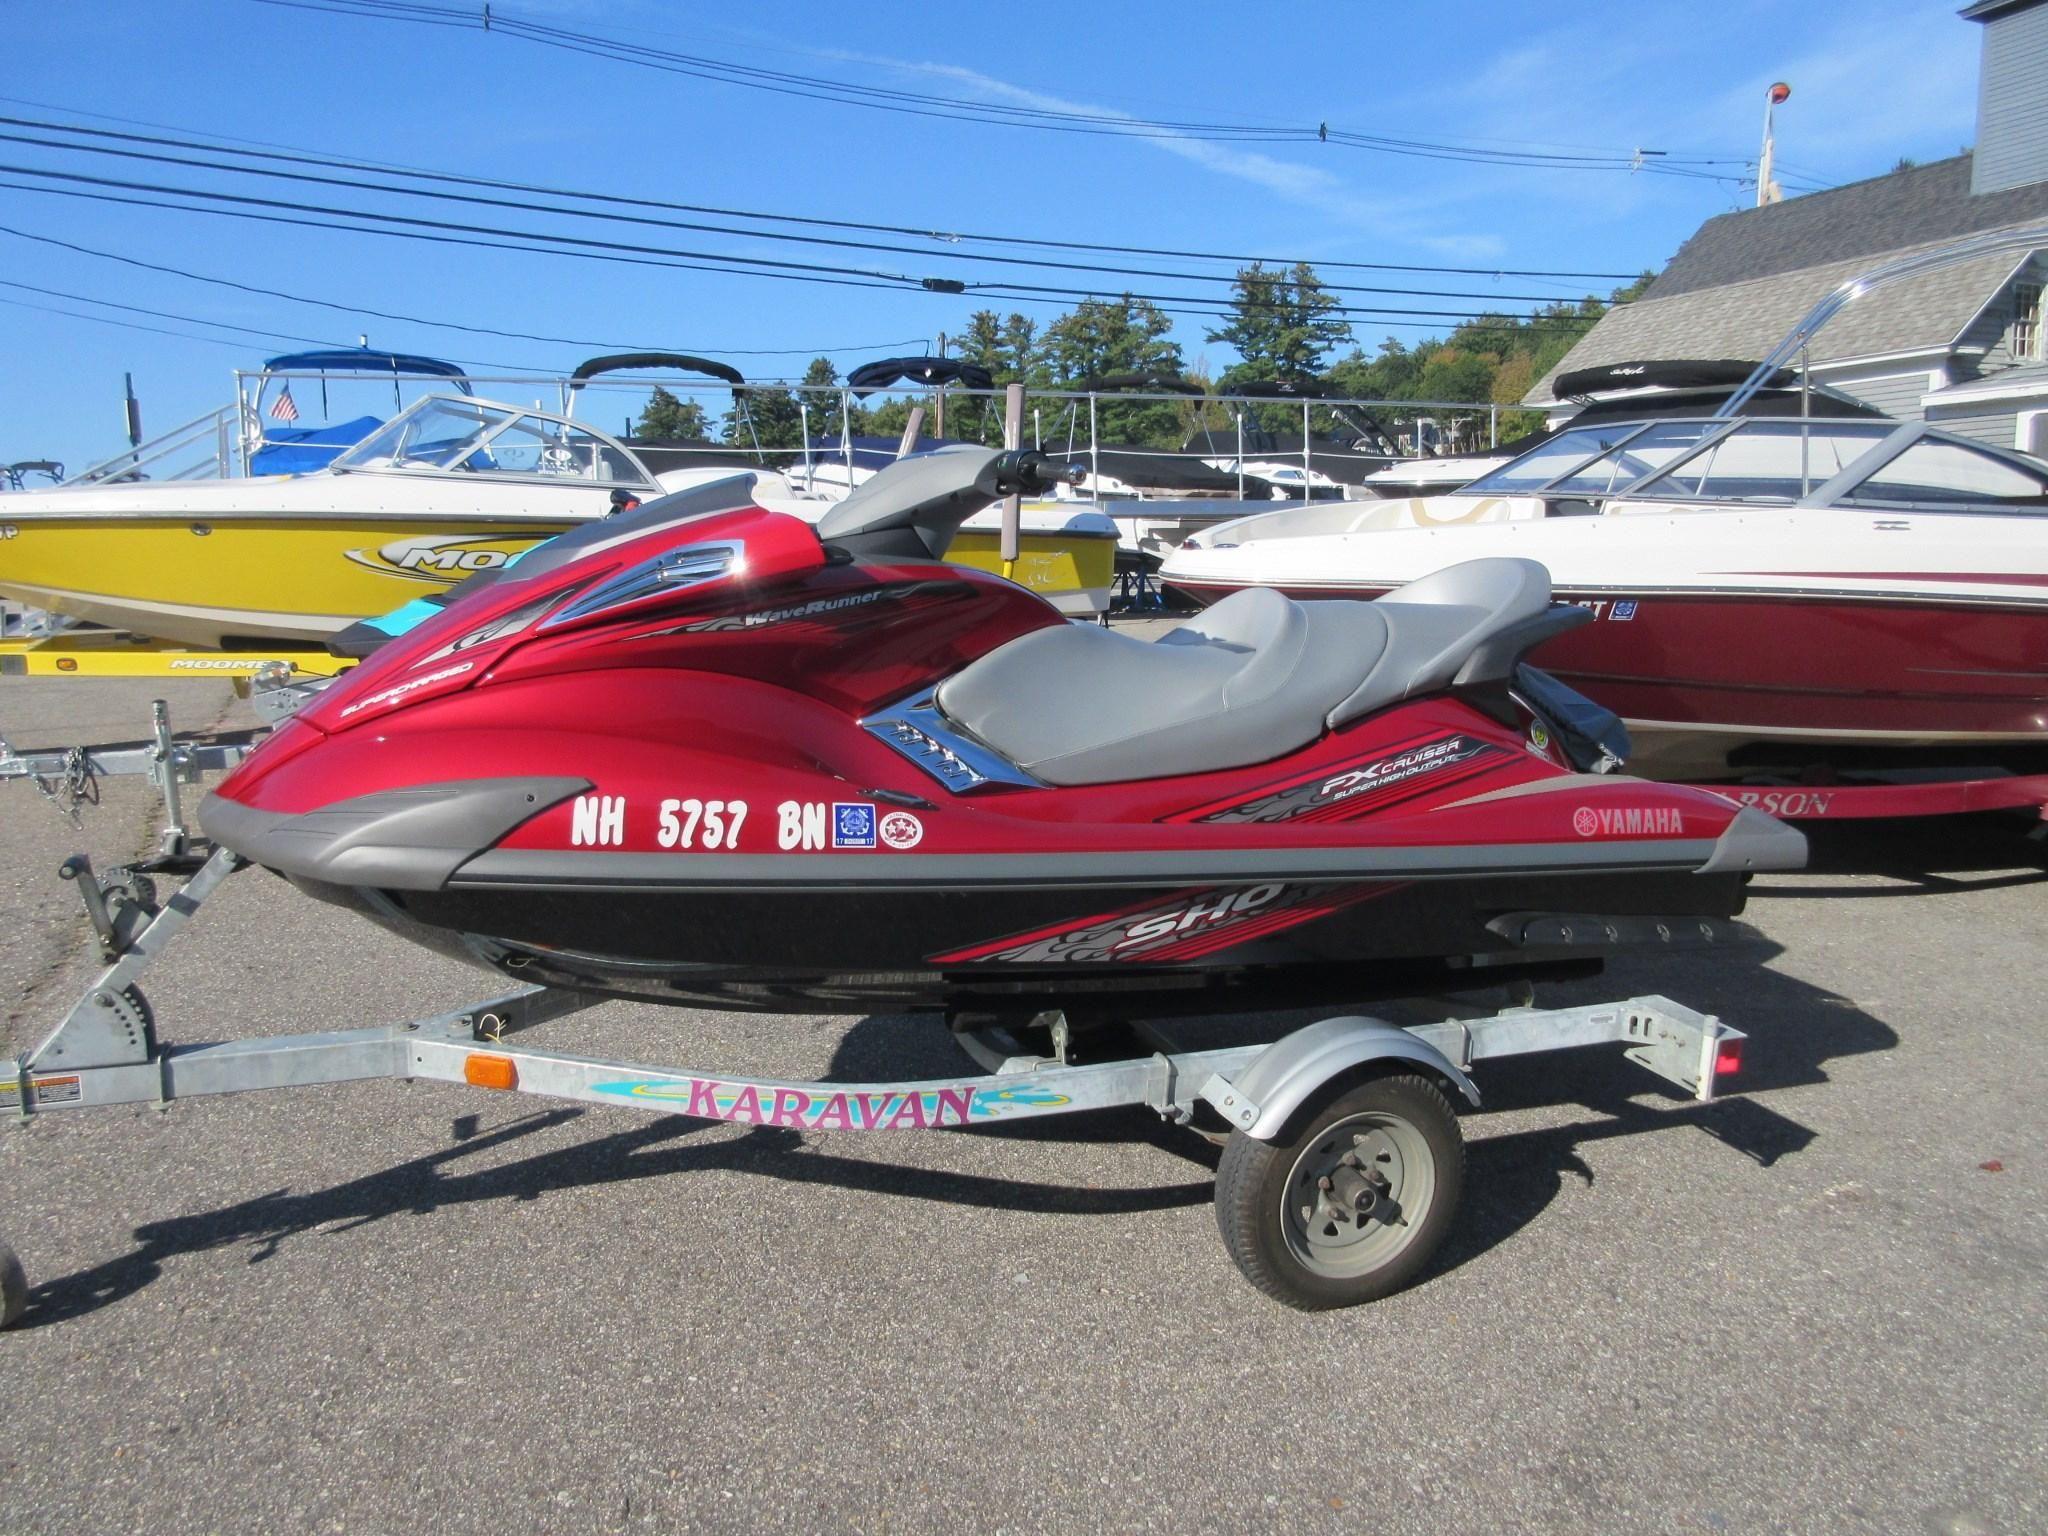 2009 yamaha waverunner fx cruiser sho power boat for sale for Yamaha fx cruiser